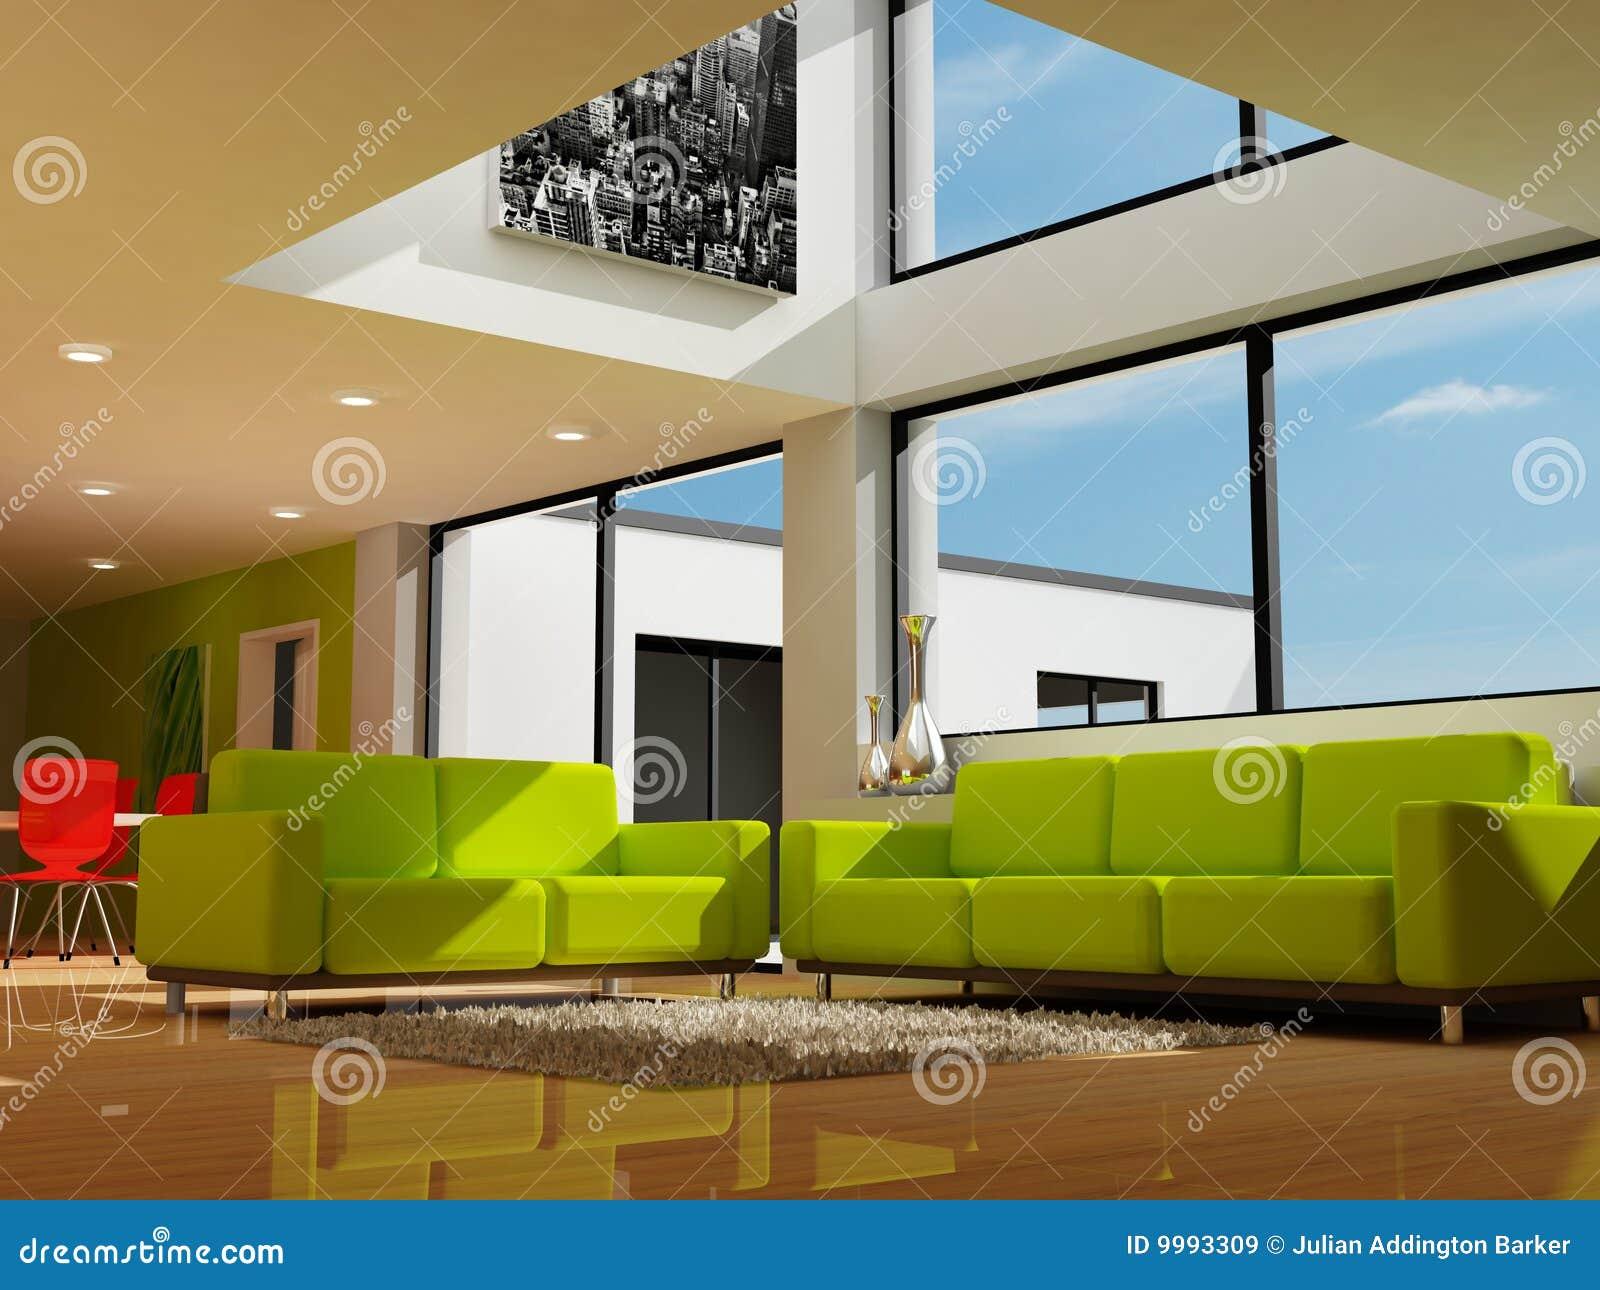 #AEBF0C Une Salle De Séjour Moderne Images Libres De Droits  4161 video salle de sejour contemporaine 1300x1065 px @ aertt.com